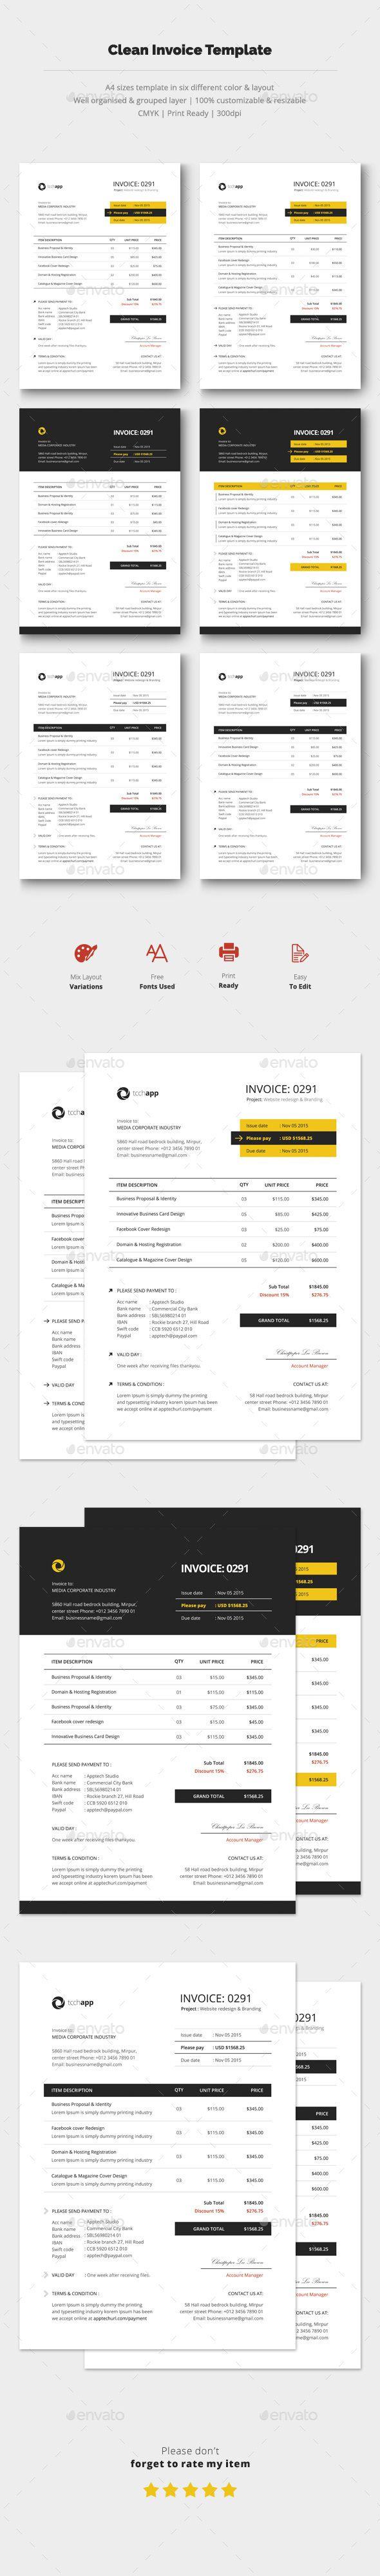 Best 25 diagram design ideas on pinterest timeline for Https invoice generator com 1